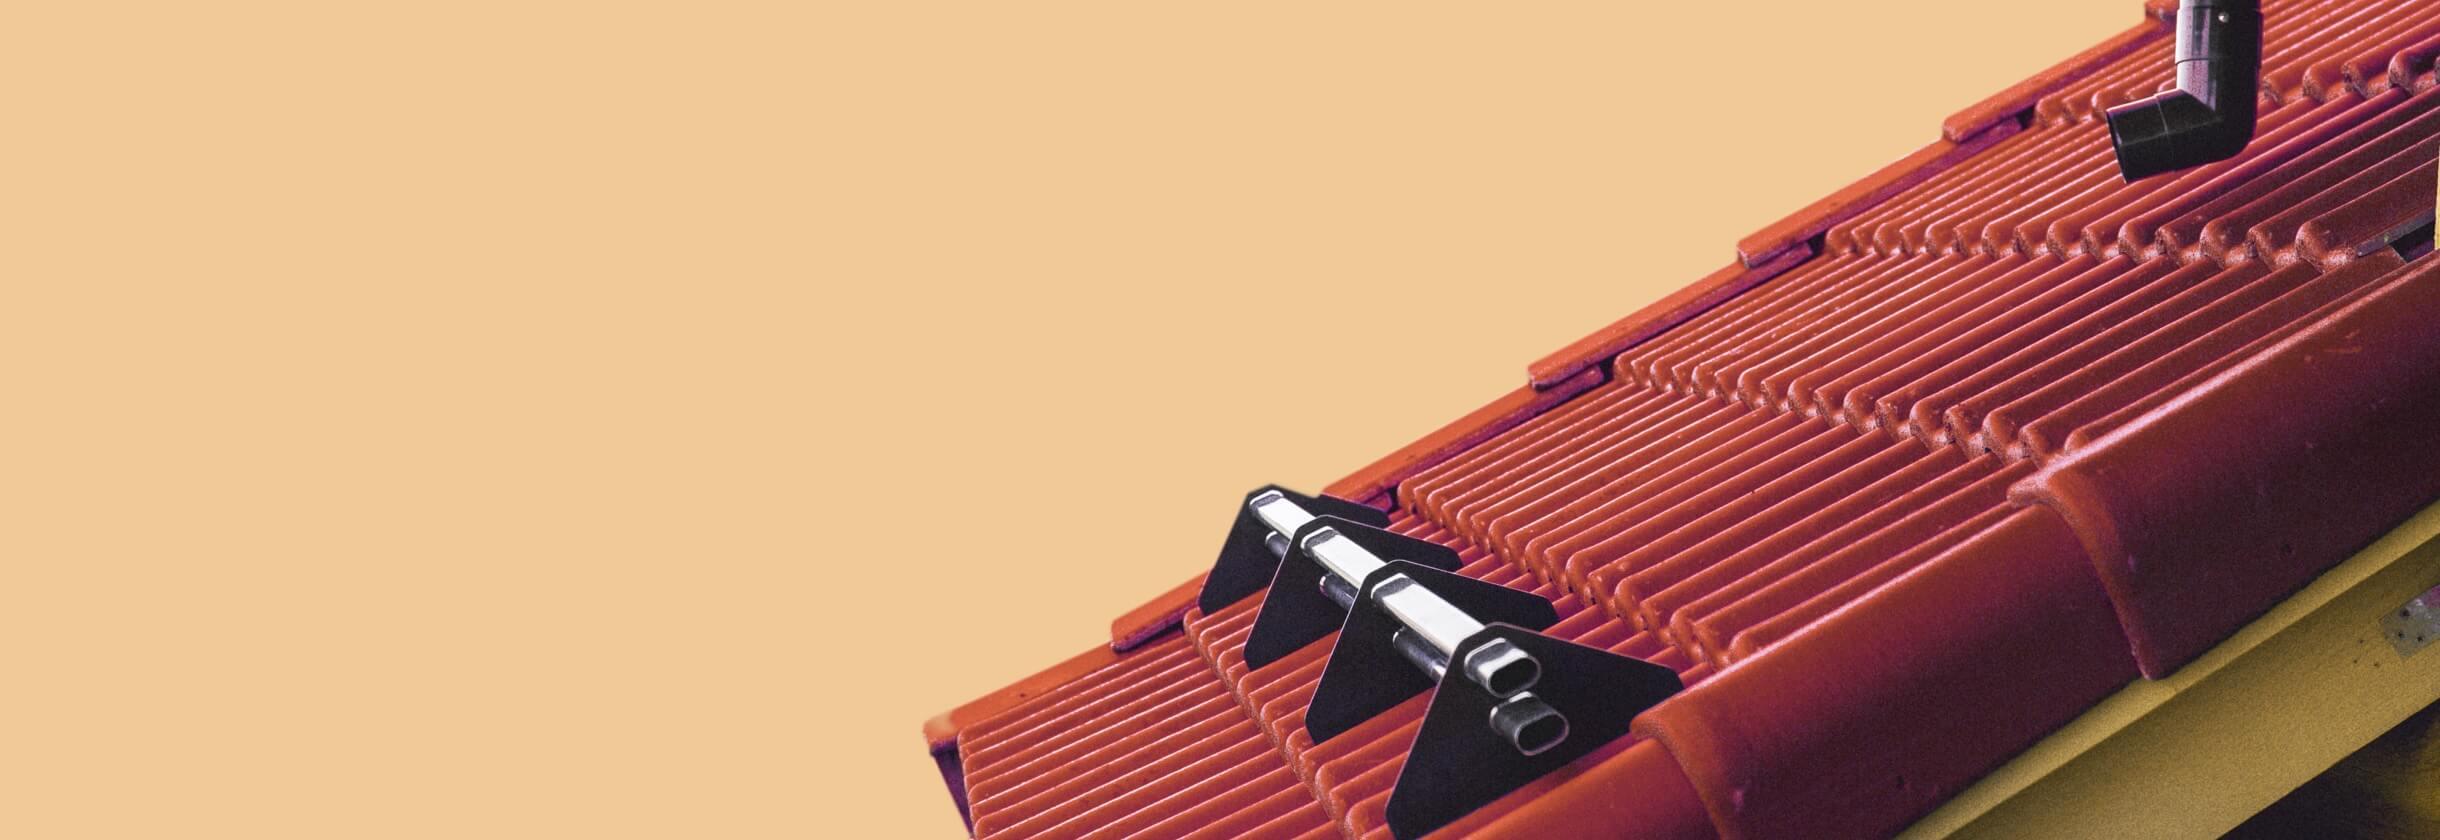 Изображение части ската крыши символизирующее кровельные работы